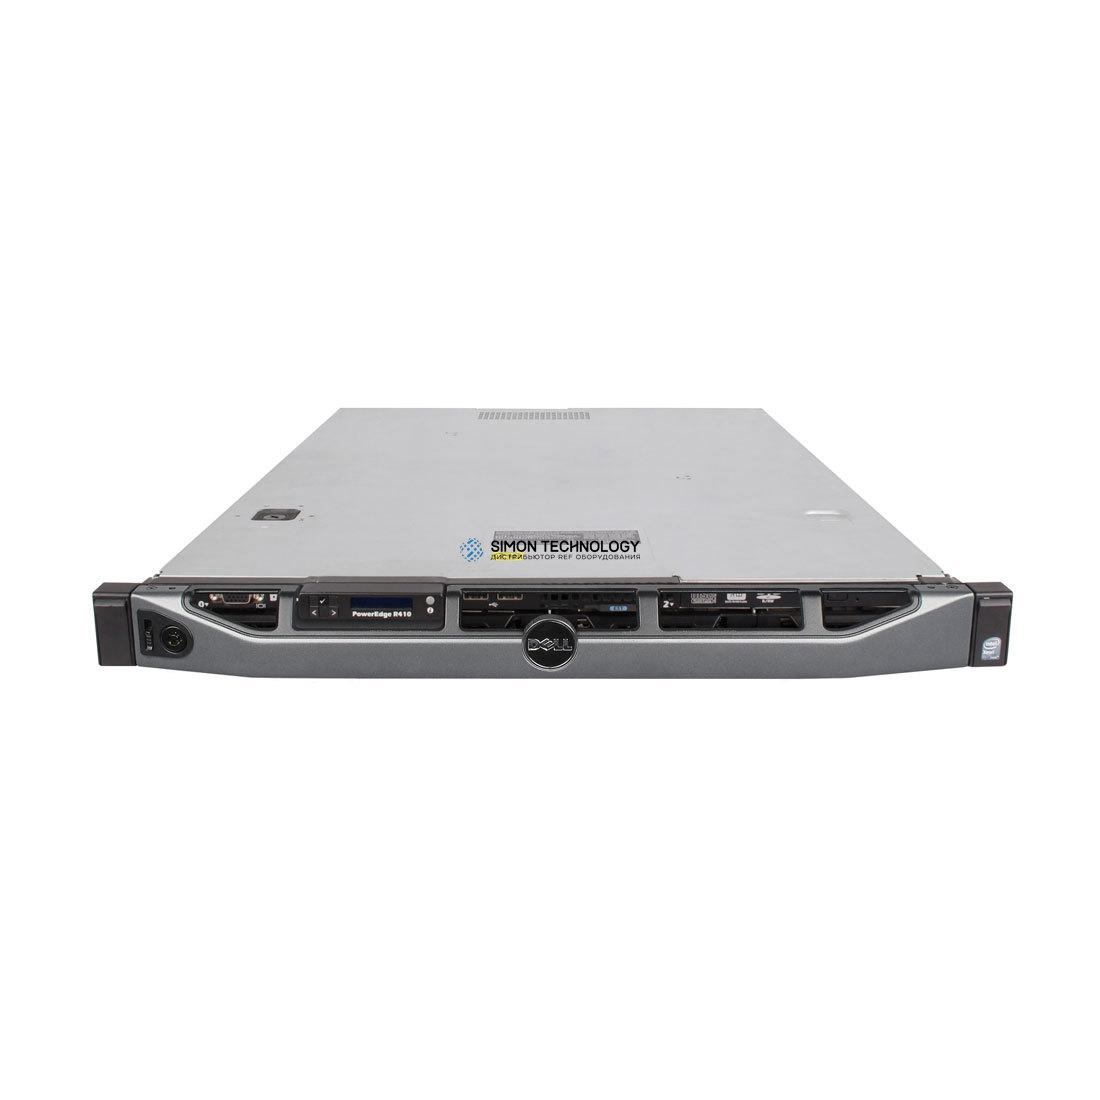 Сервер Dell PER410 2*E5620 8GB PERC 6/I 4*LFF 1*NHP PSU DVD (R410 2XE5620)